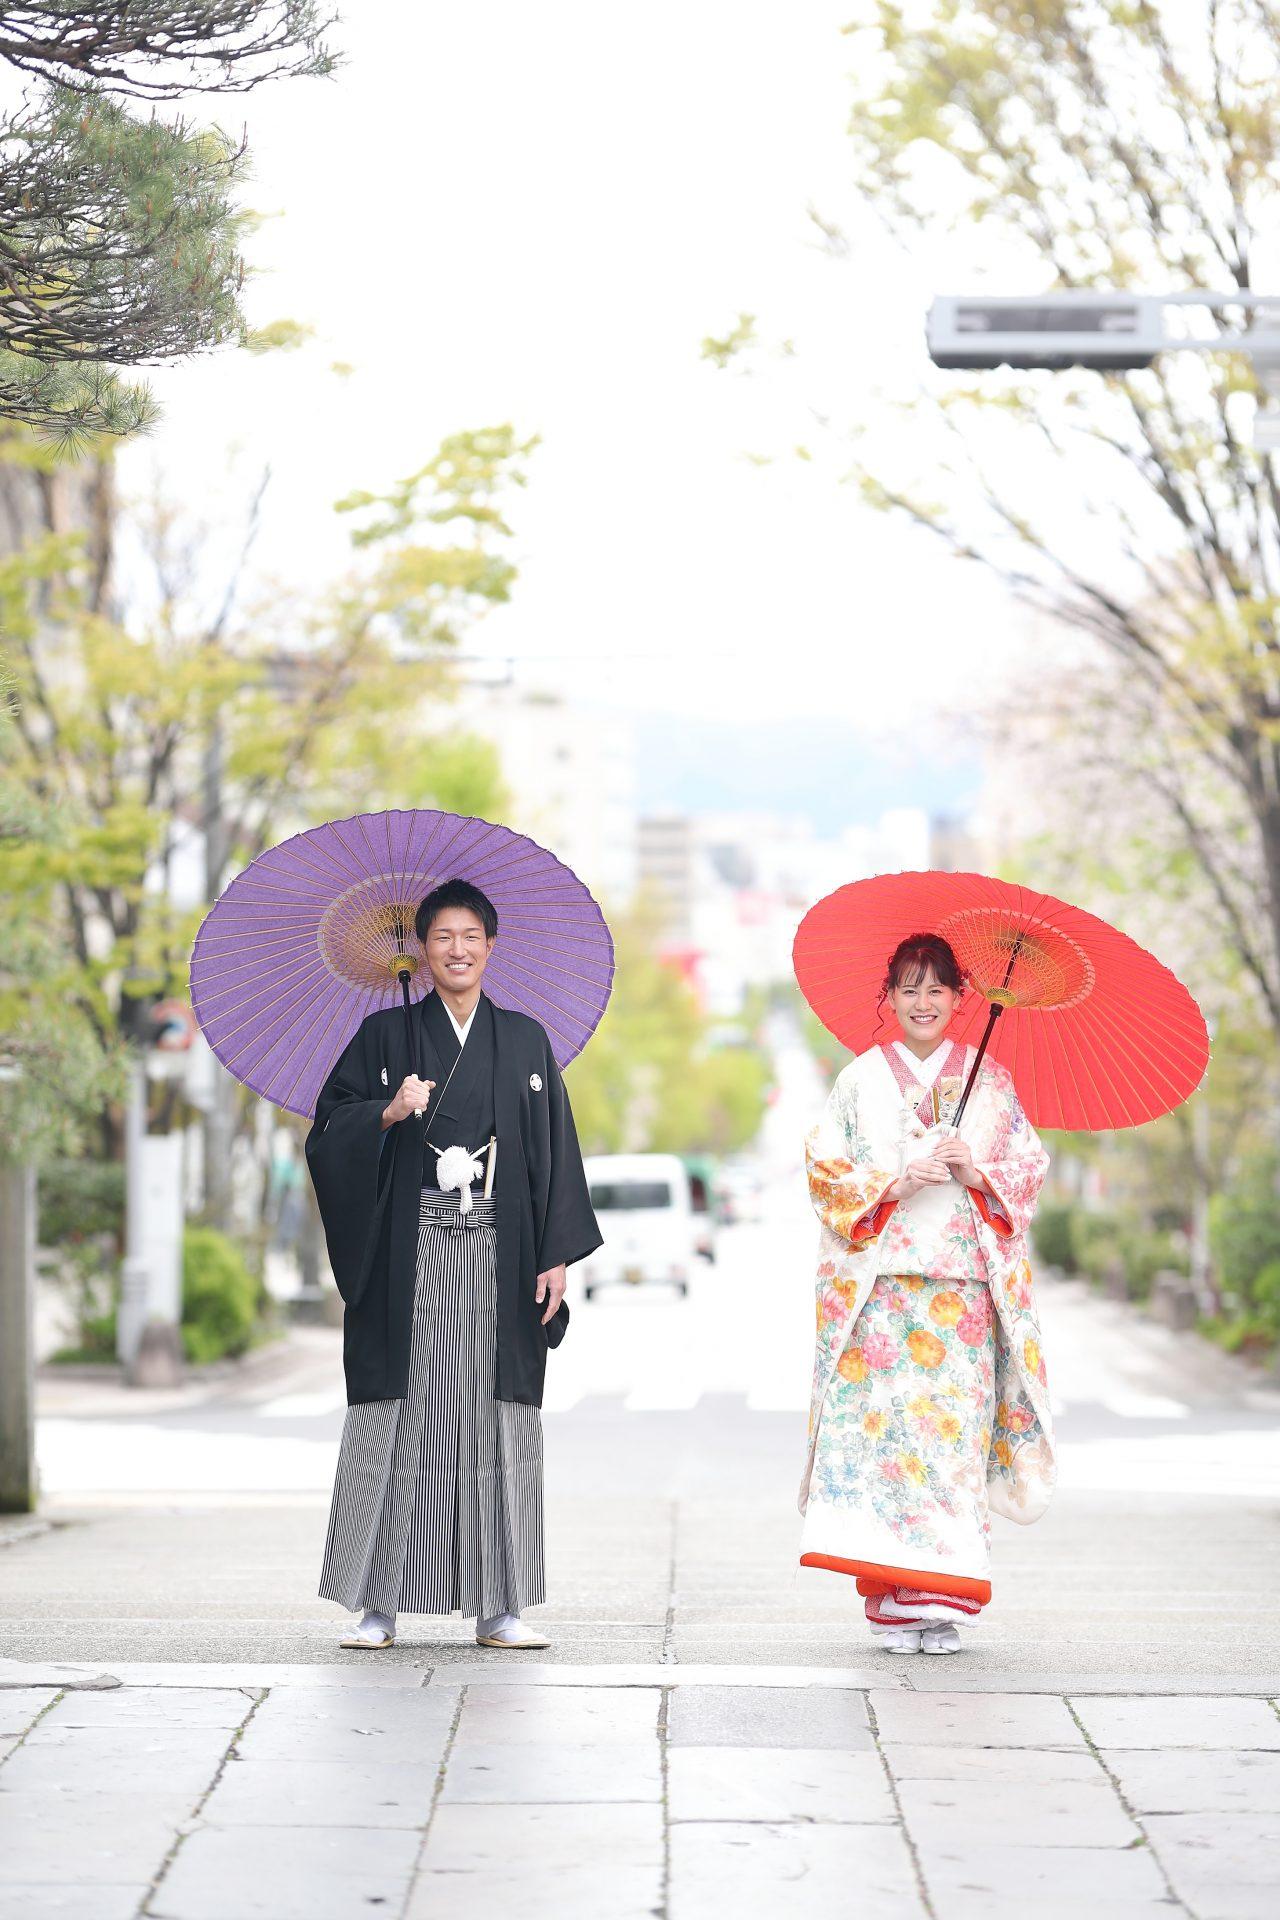 長野ならではの落ち着いた雰囲気と和装がマッチする前撮り写真